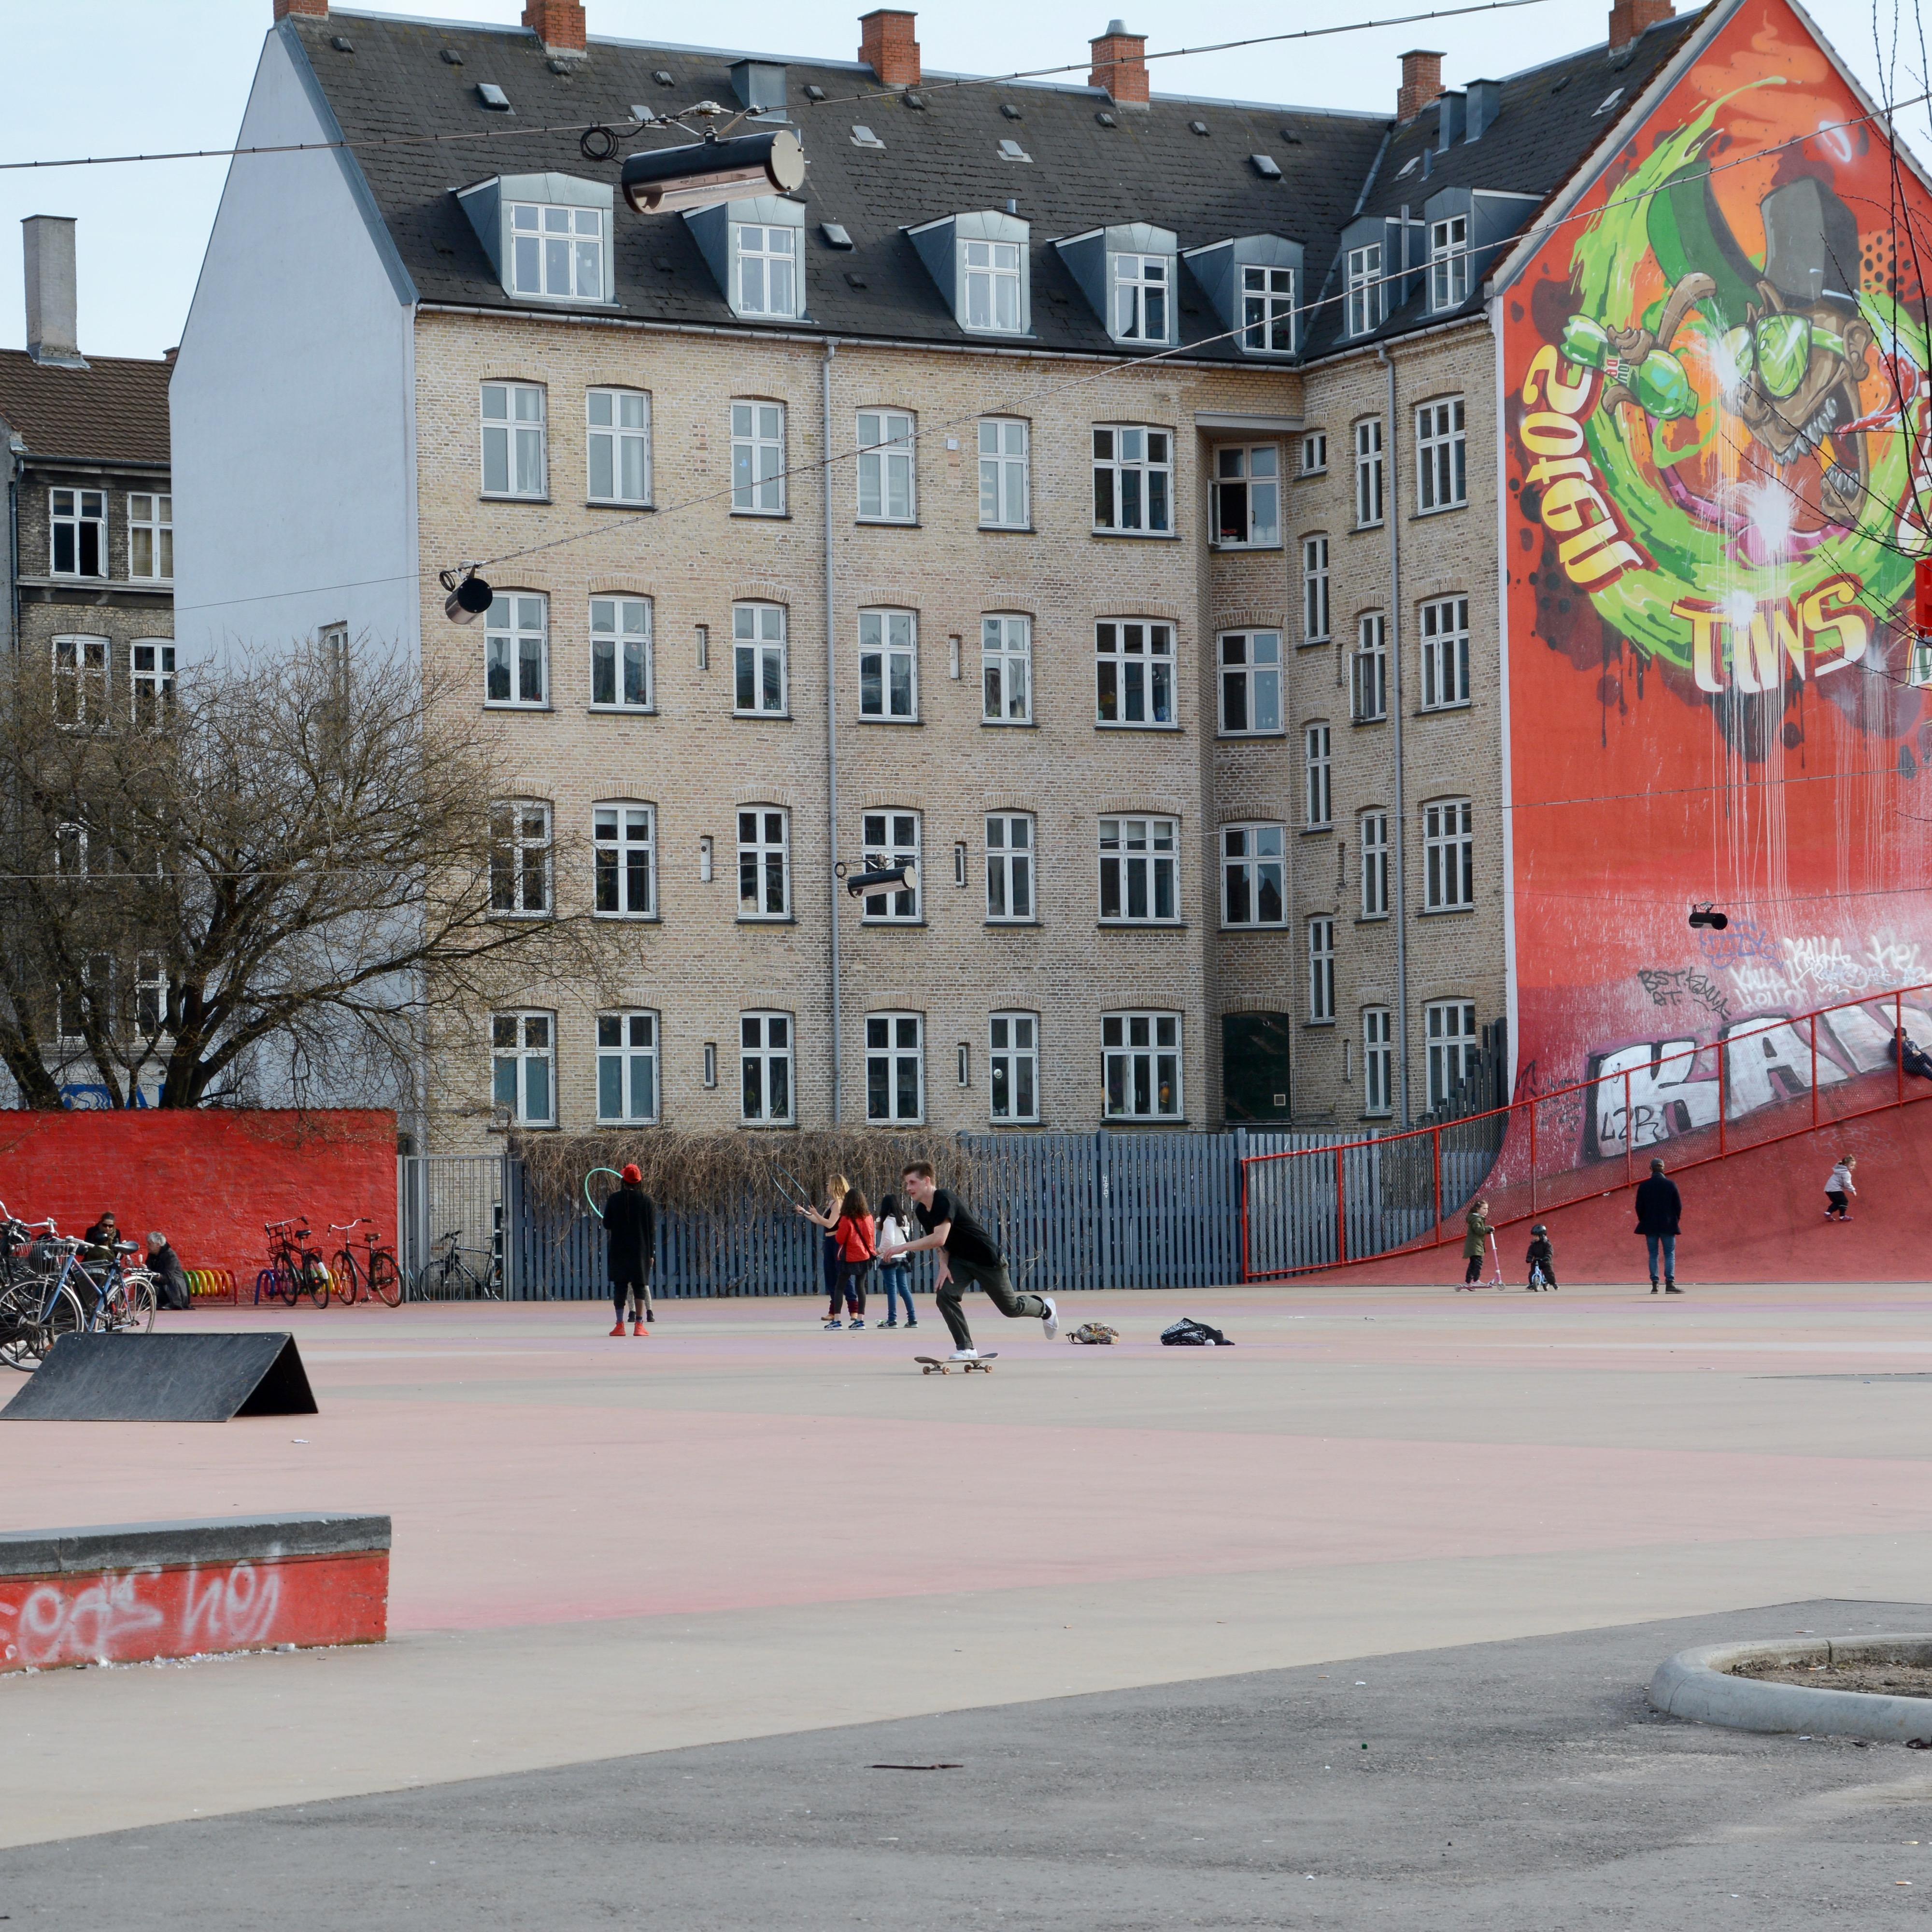 travel with kids children Copenhagen Denmark norrebro superkilen park skaters